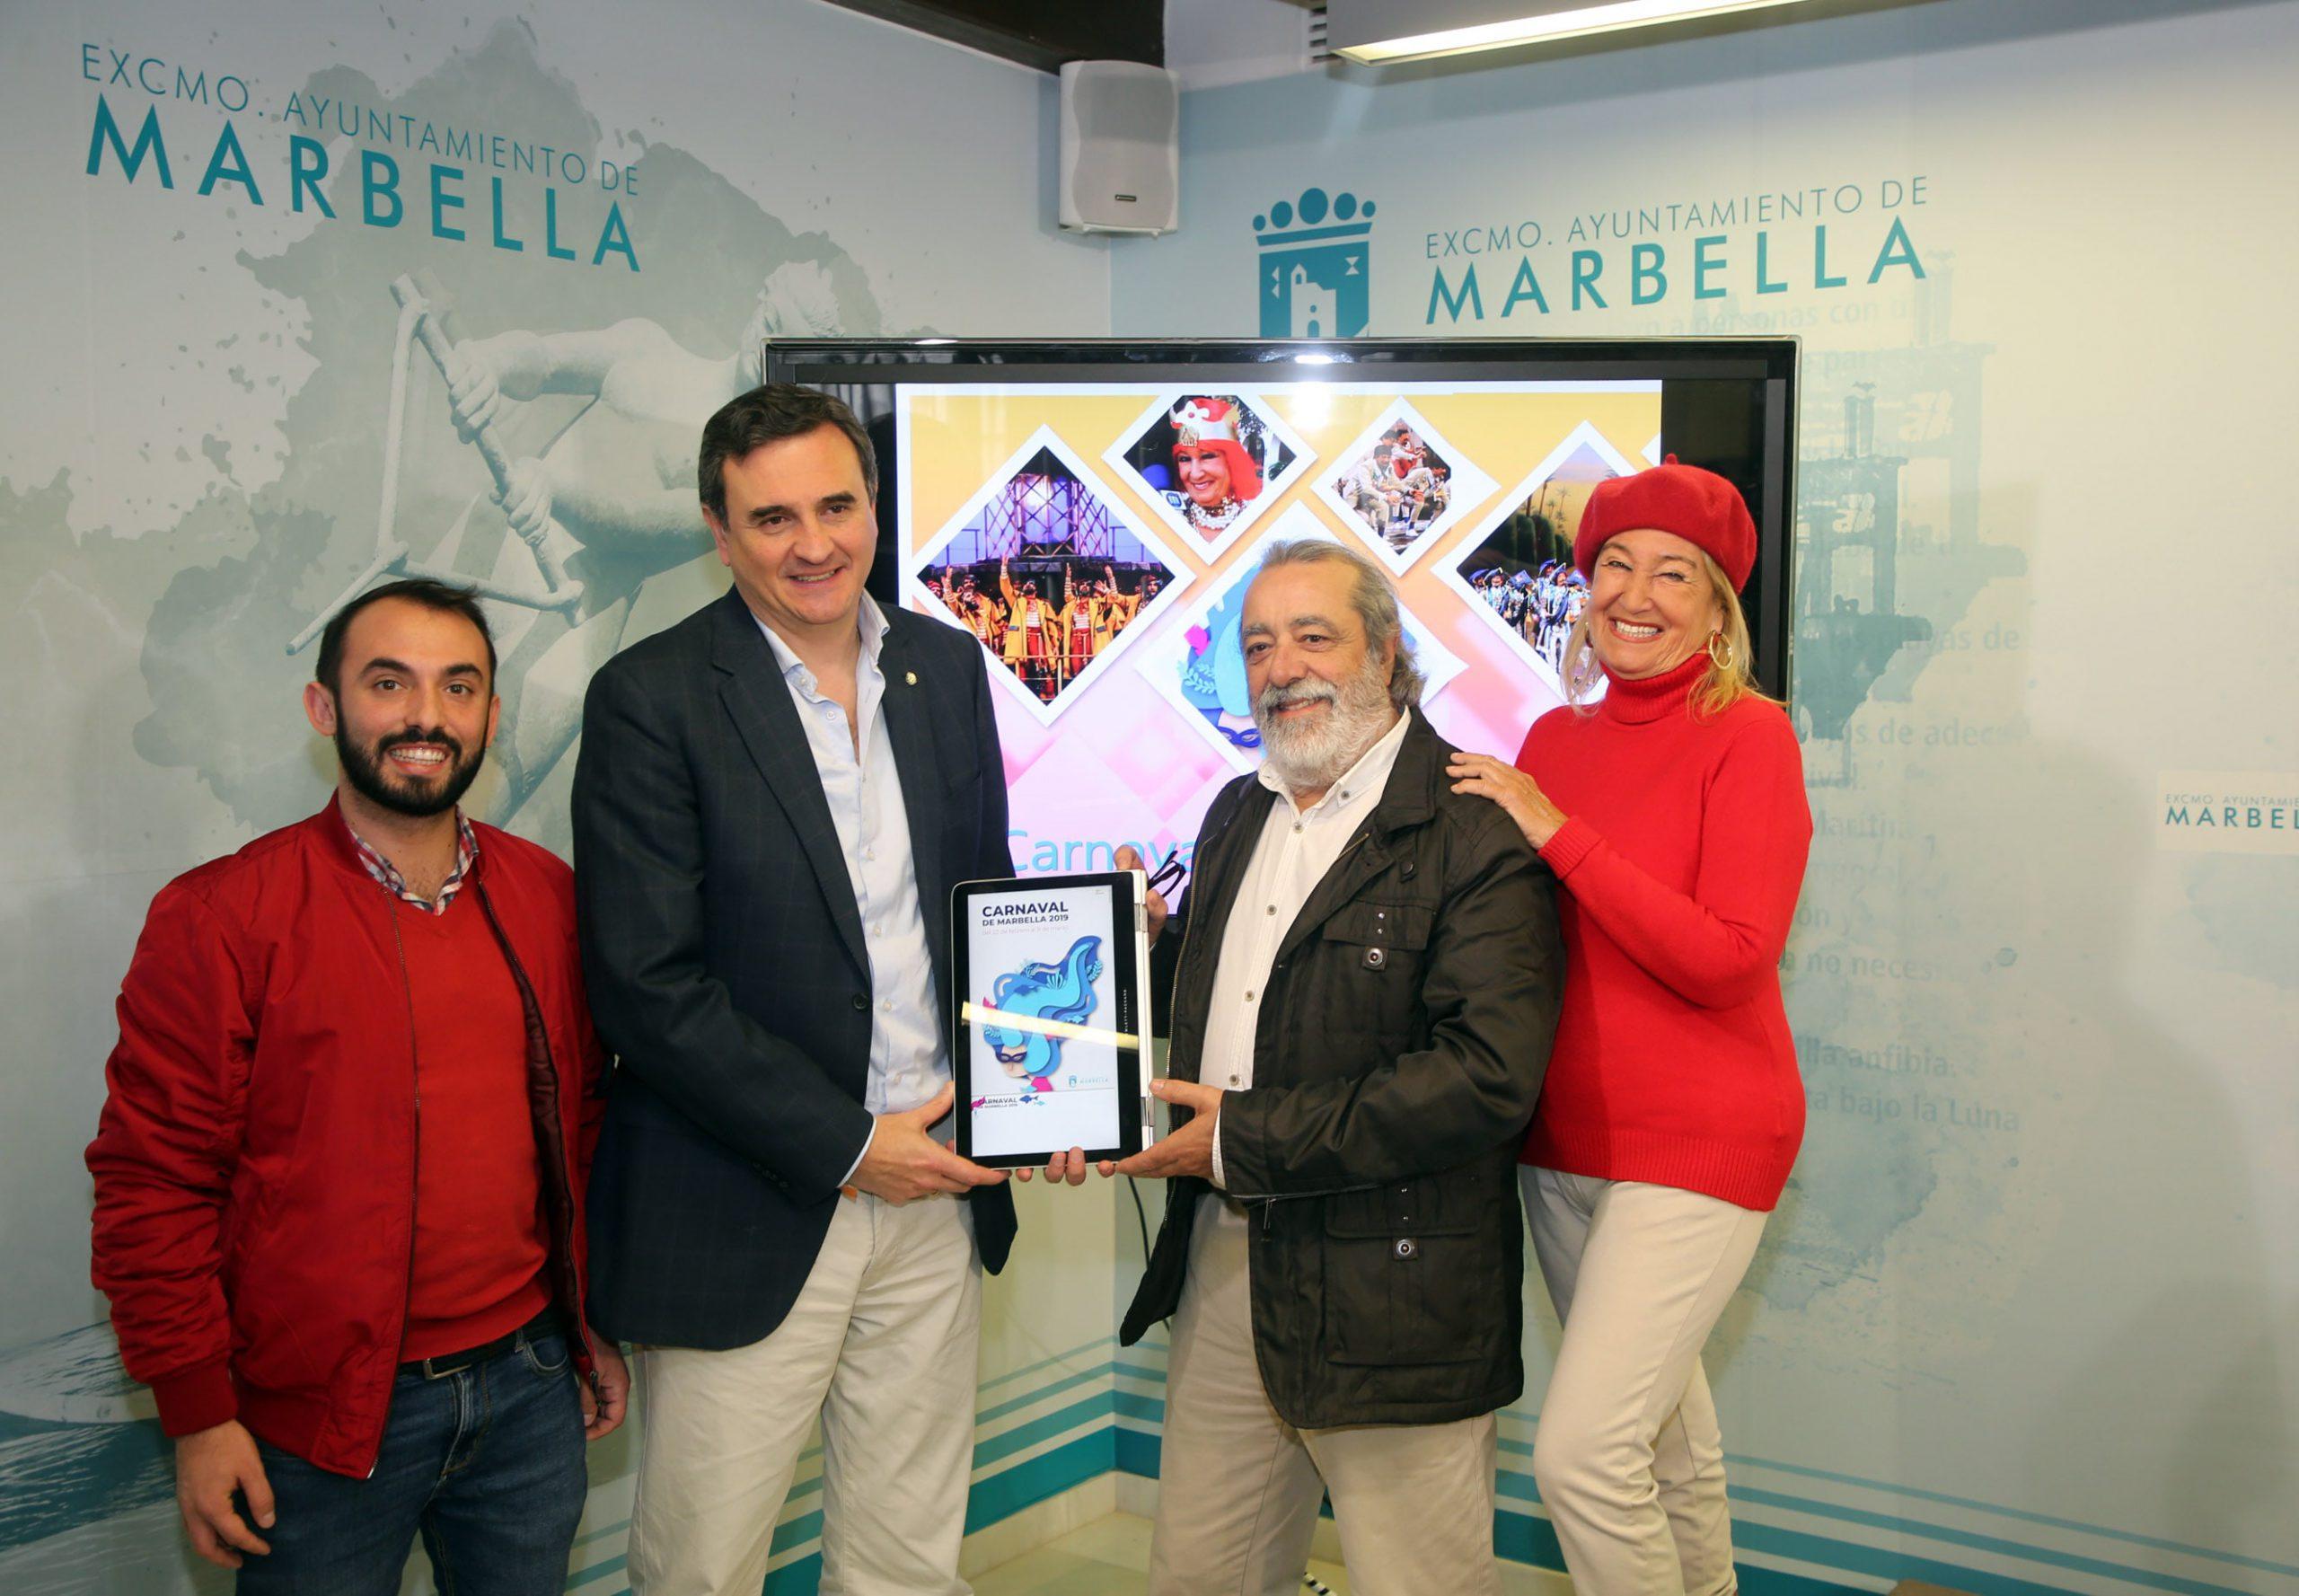 El Carnaval de Marbella 2019 se celebrará del 22 de febrero al 9 de marzo